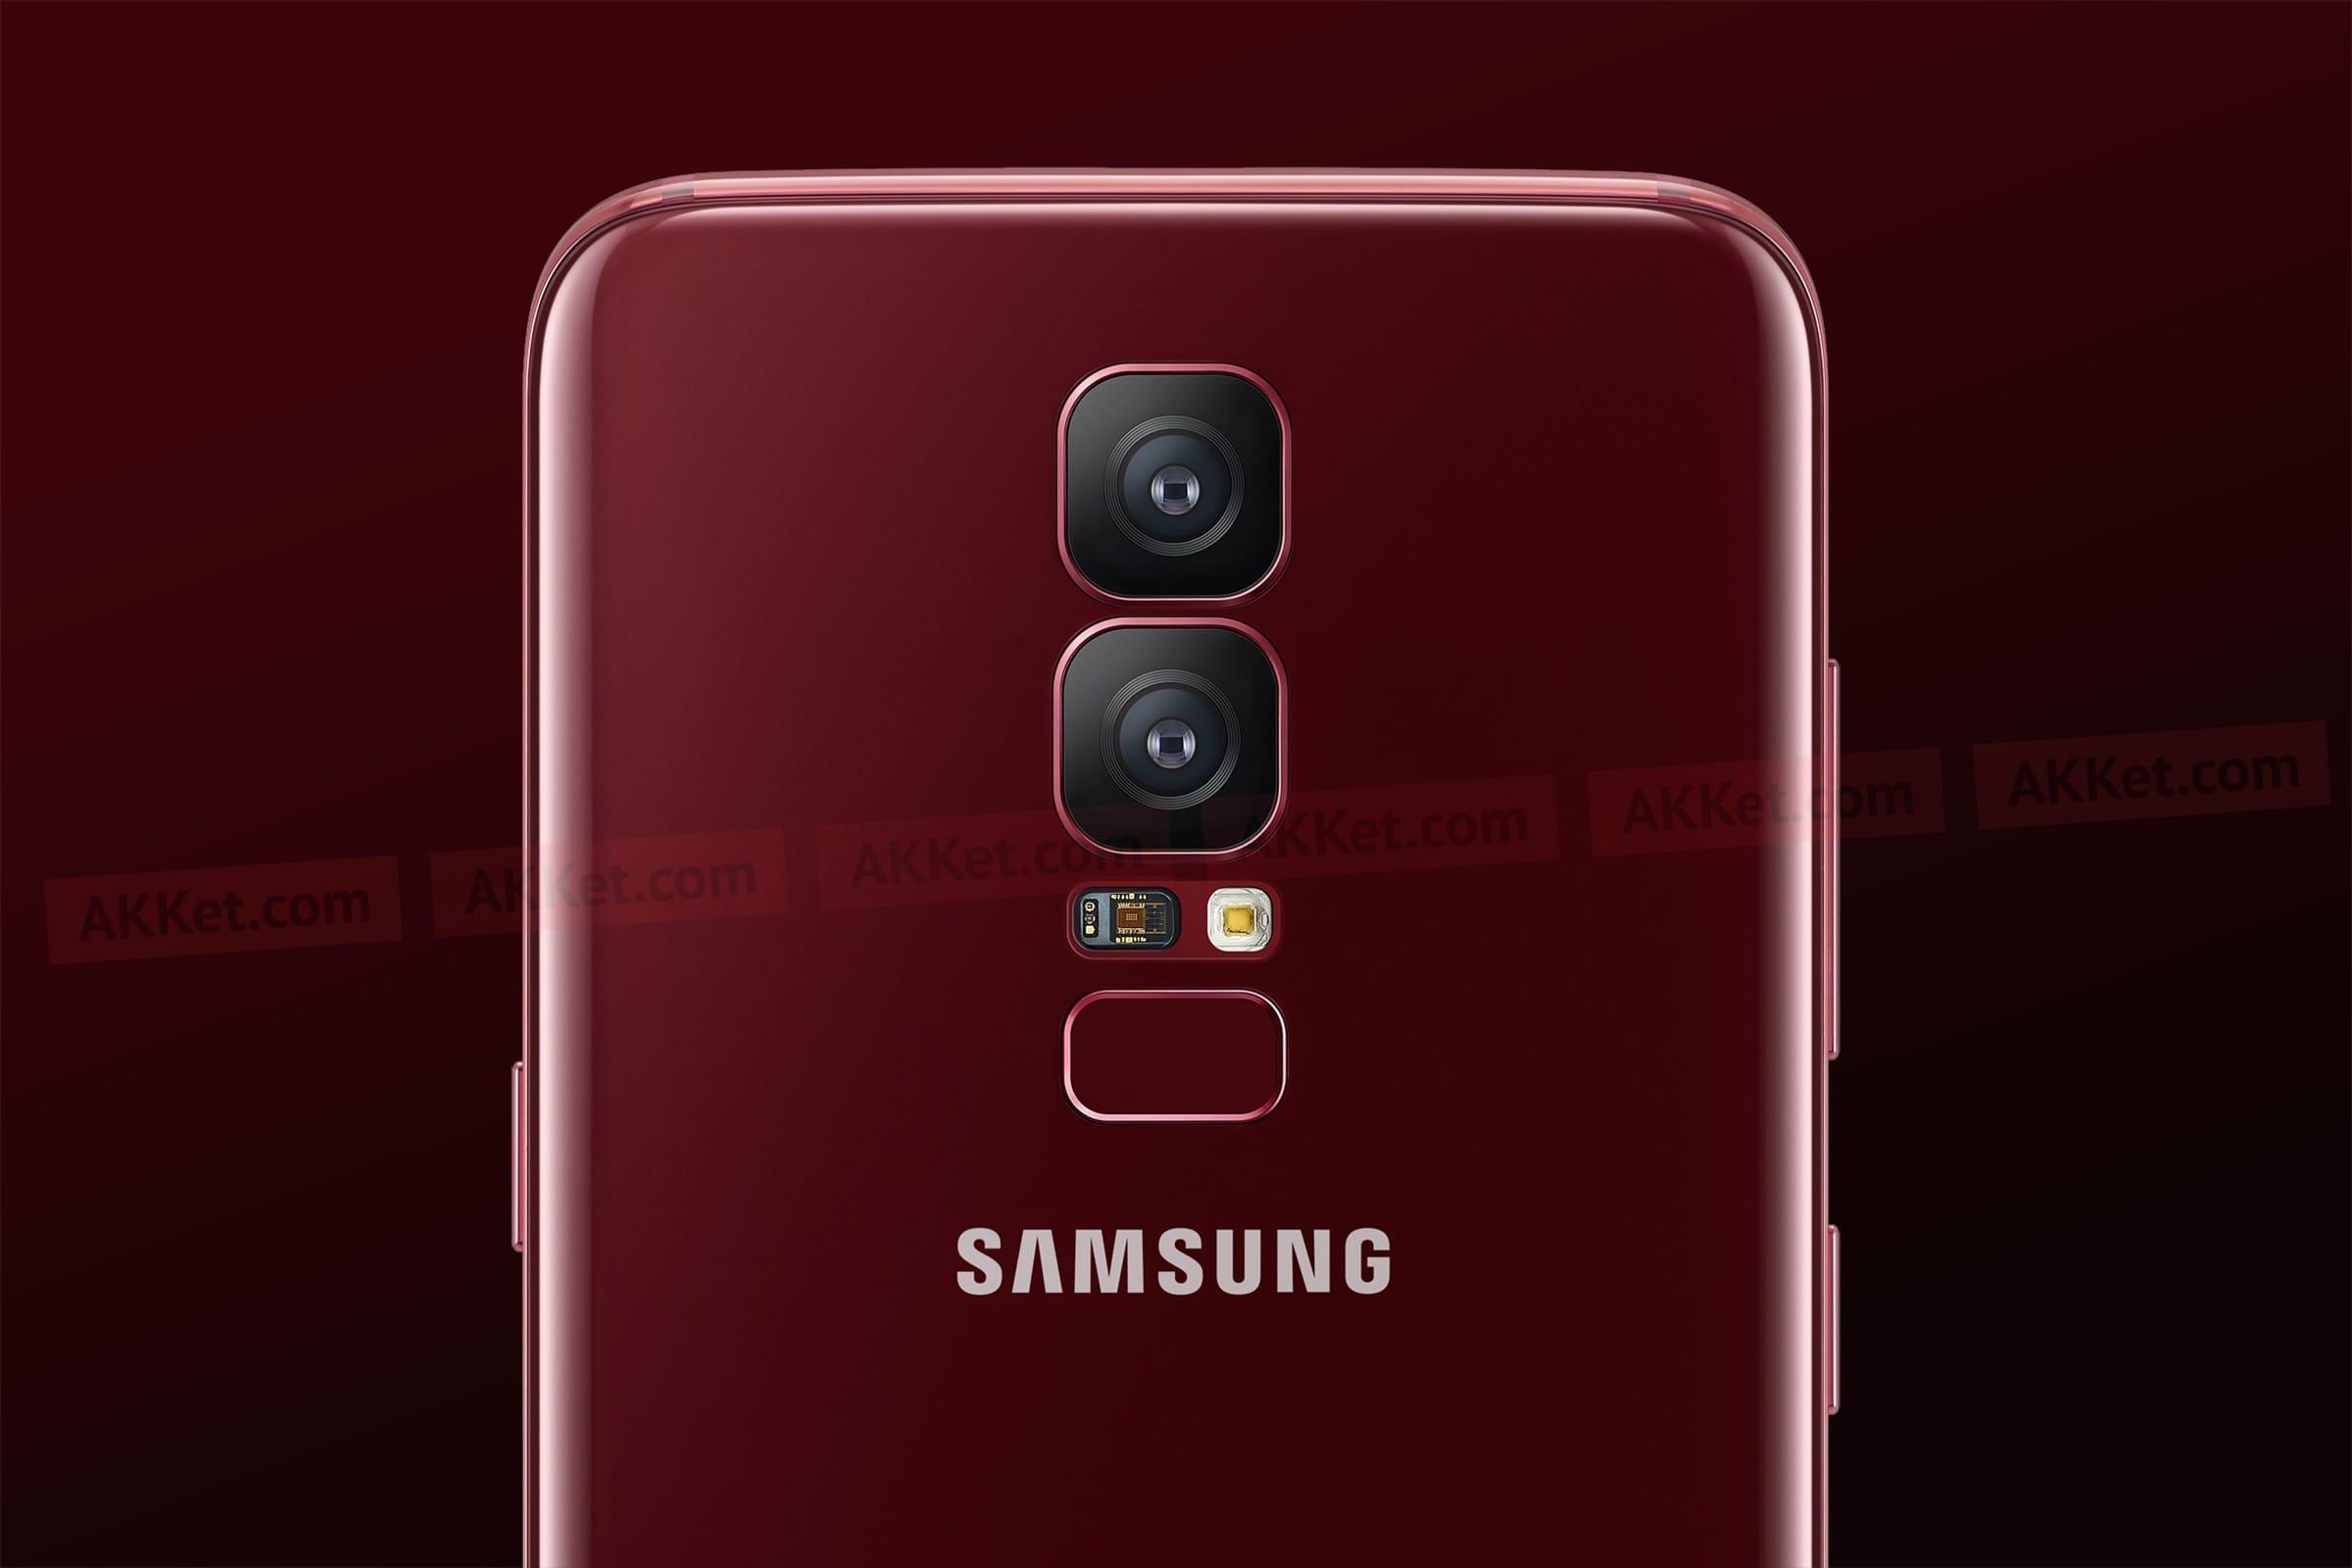 Самсунг  Galaxy S9 получил необыкновенное  «железо», способное удивить любого